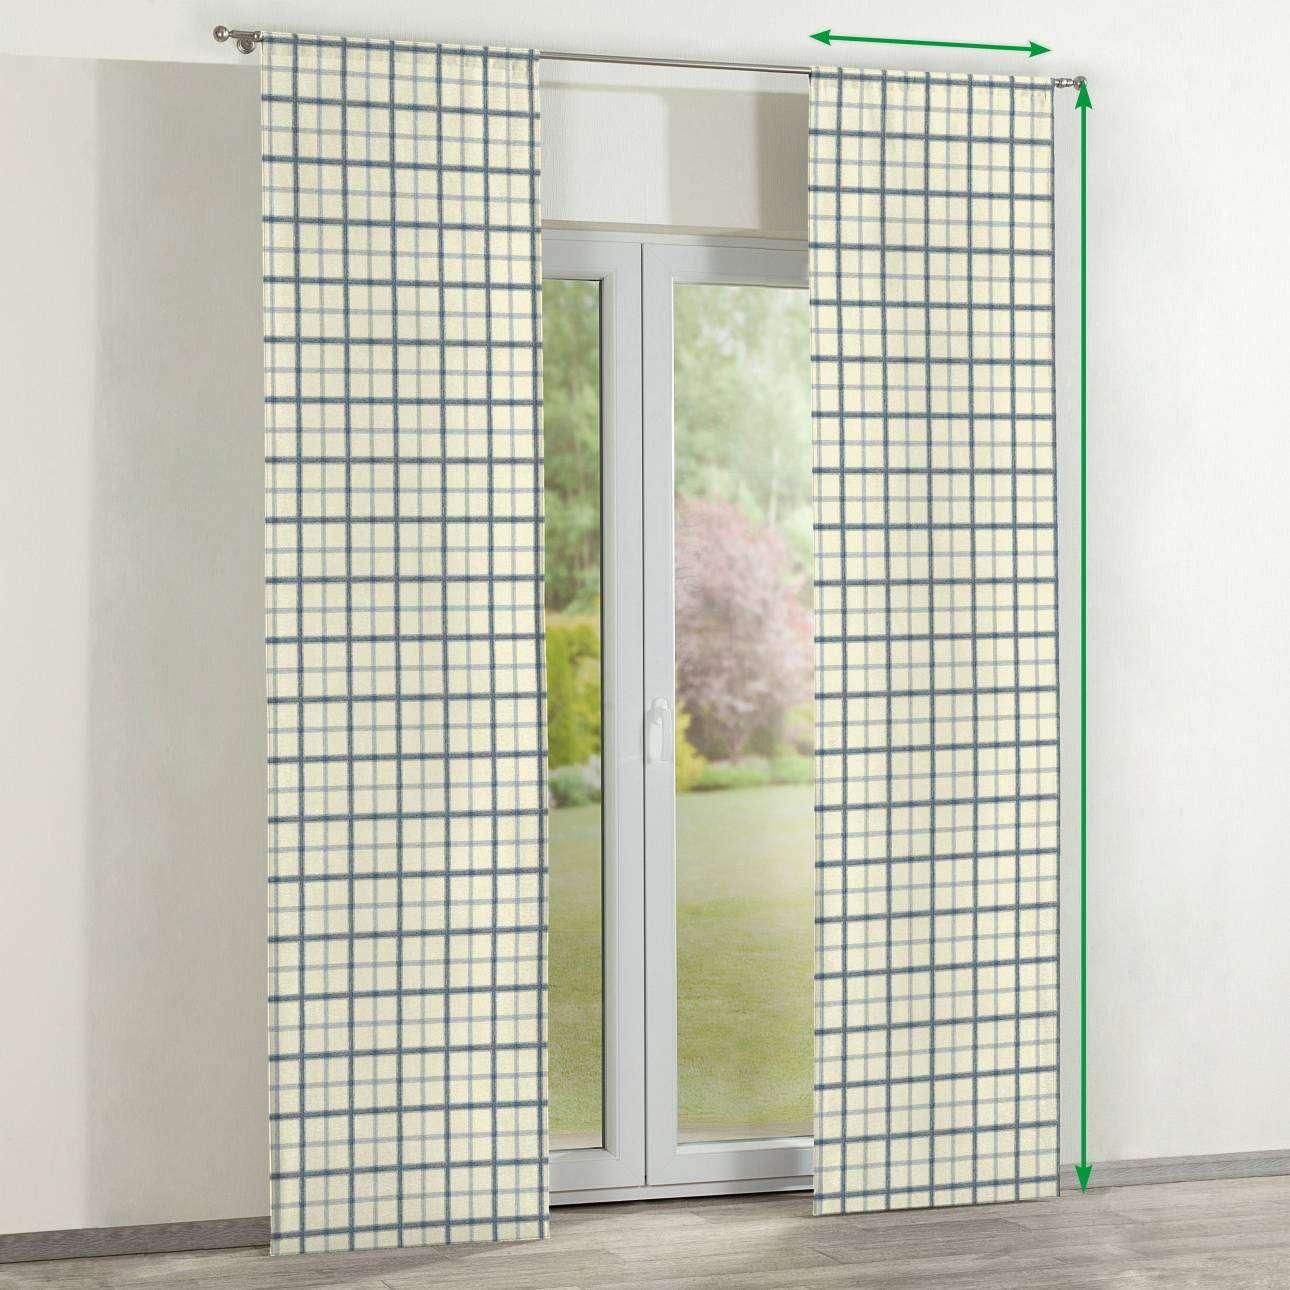 Zasłony panelowe 2 szt. w kolekcji Avinon, tkanina: 131-66